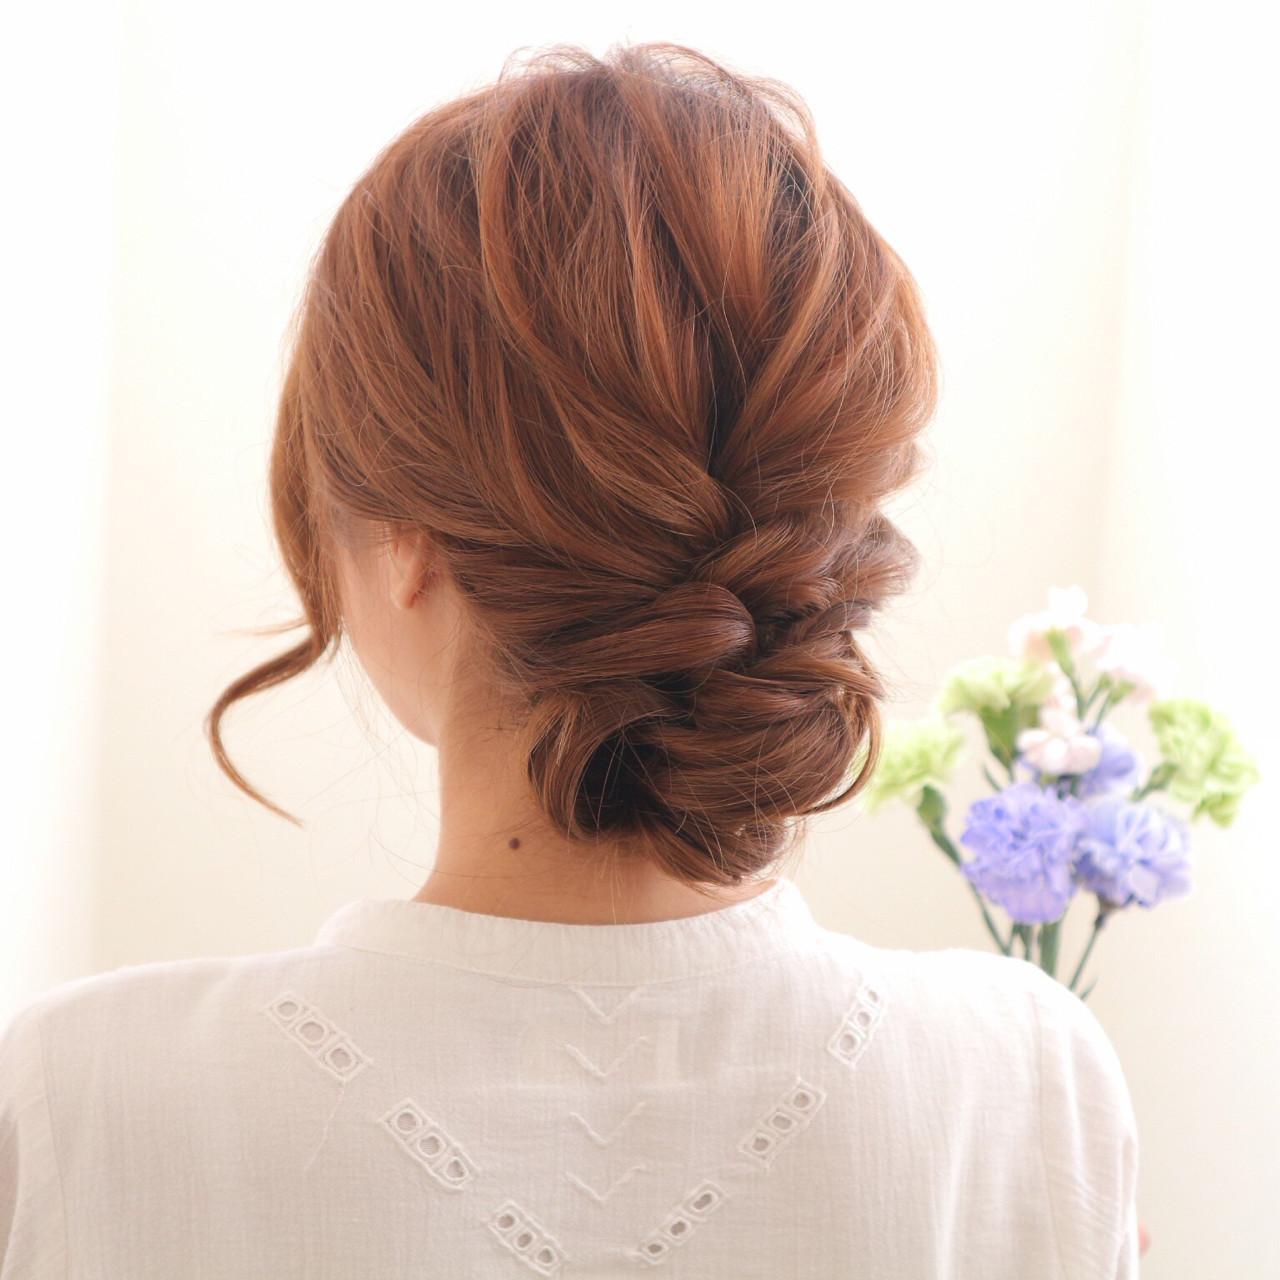 セミロング 三つ編み まとめ髪 簡単ヘアアレンジ ヘアスタイルや髪型の写真・画像